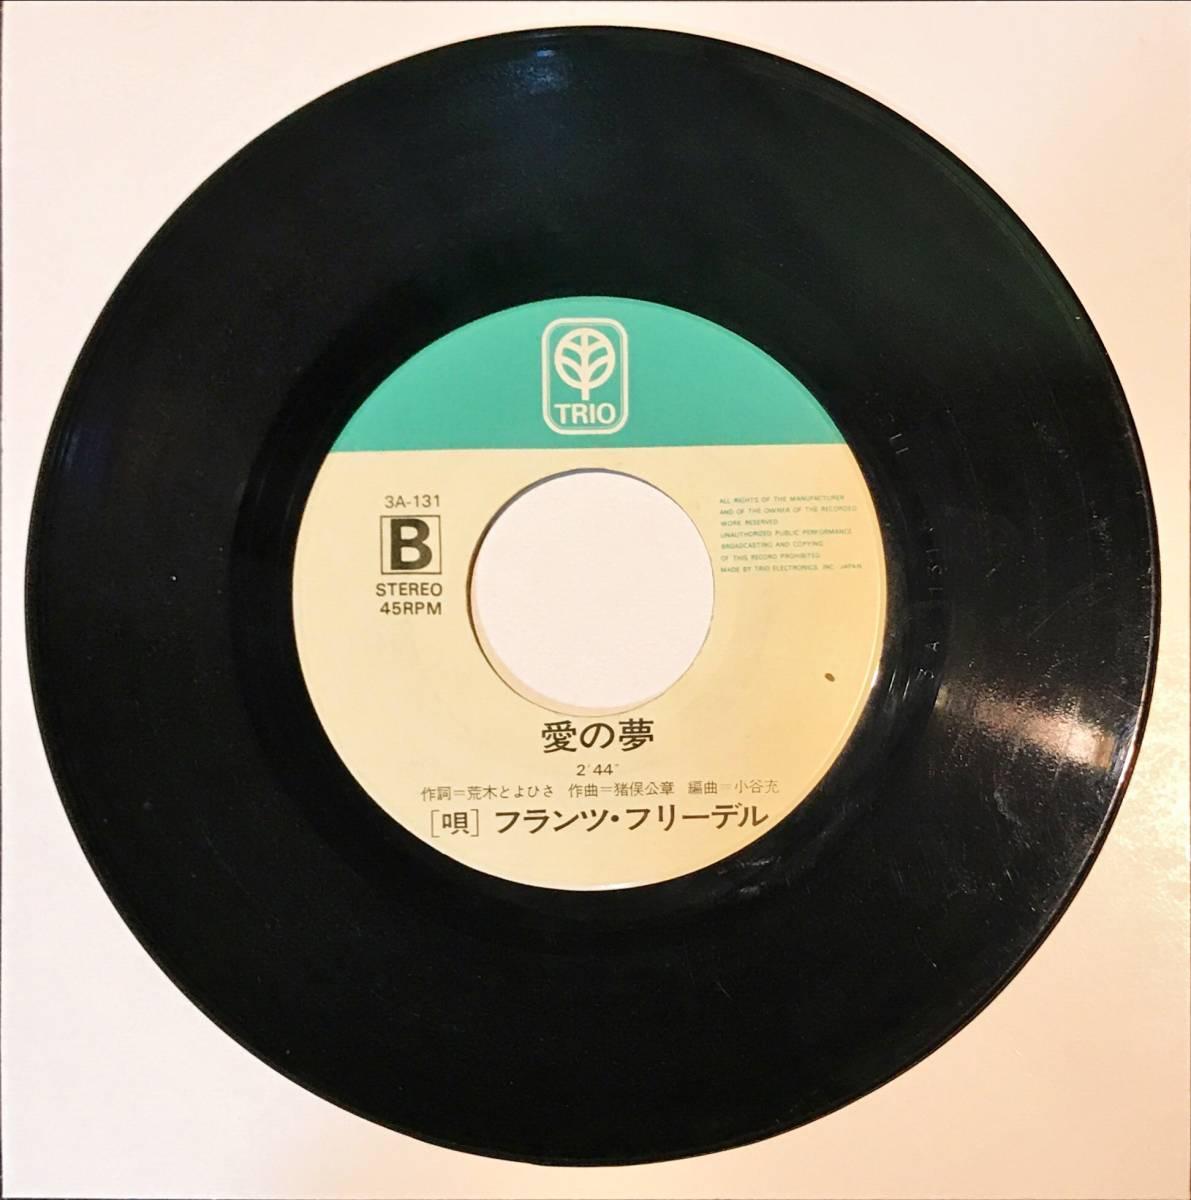 【試聴】和モノ隠れ演歌グルーヴ フランツ・フリーデル // わかればなし / 愛の夢  GROOVE歌謡 【EP】小谷充ファンク 外国人  7inch_画像4